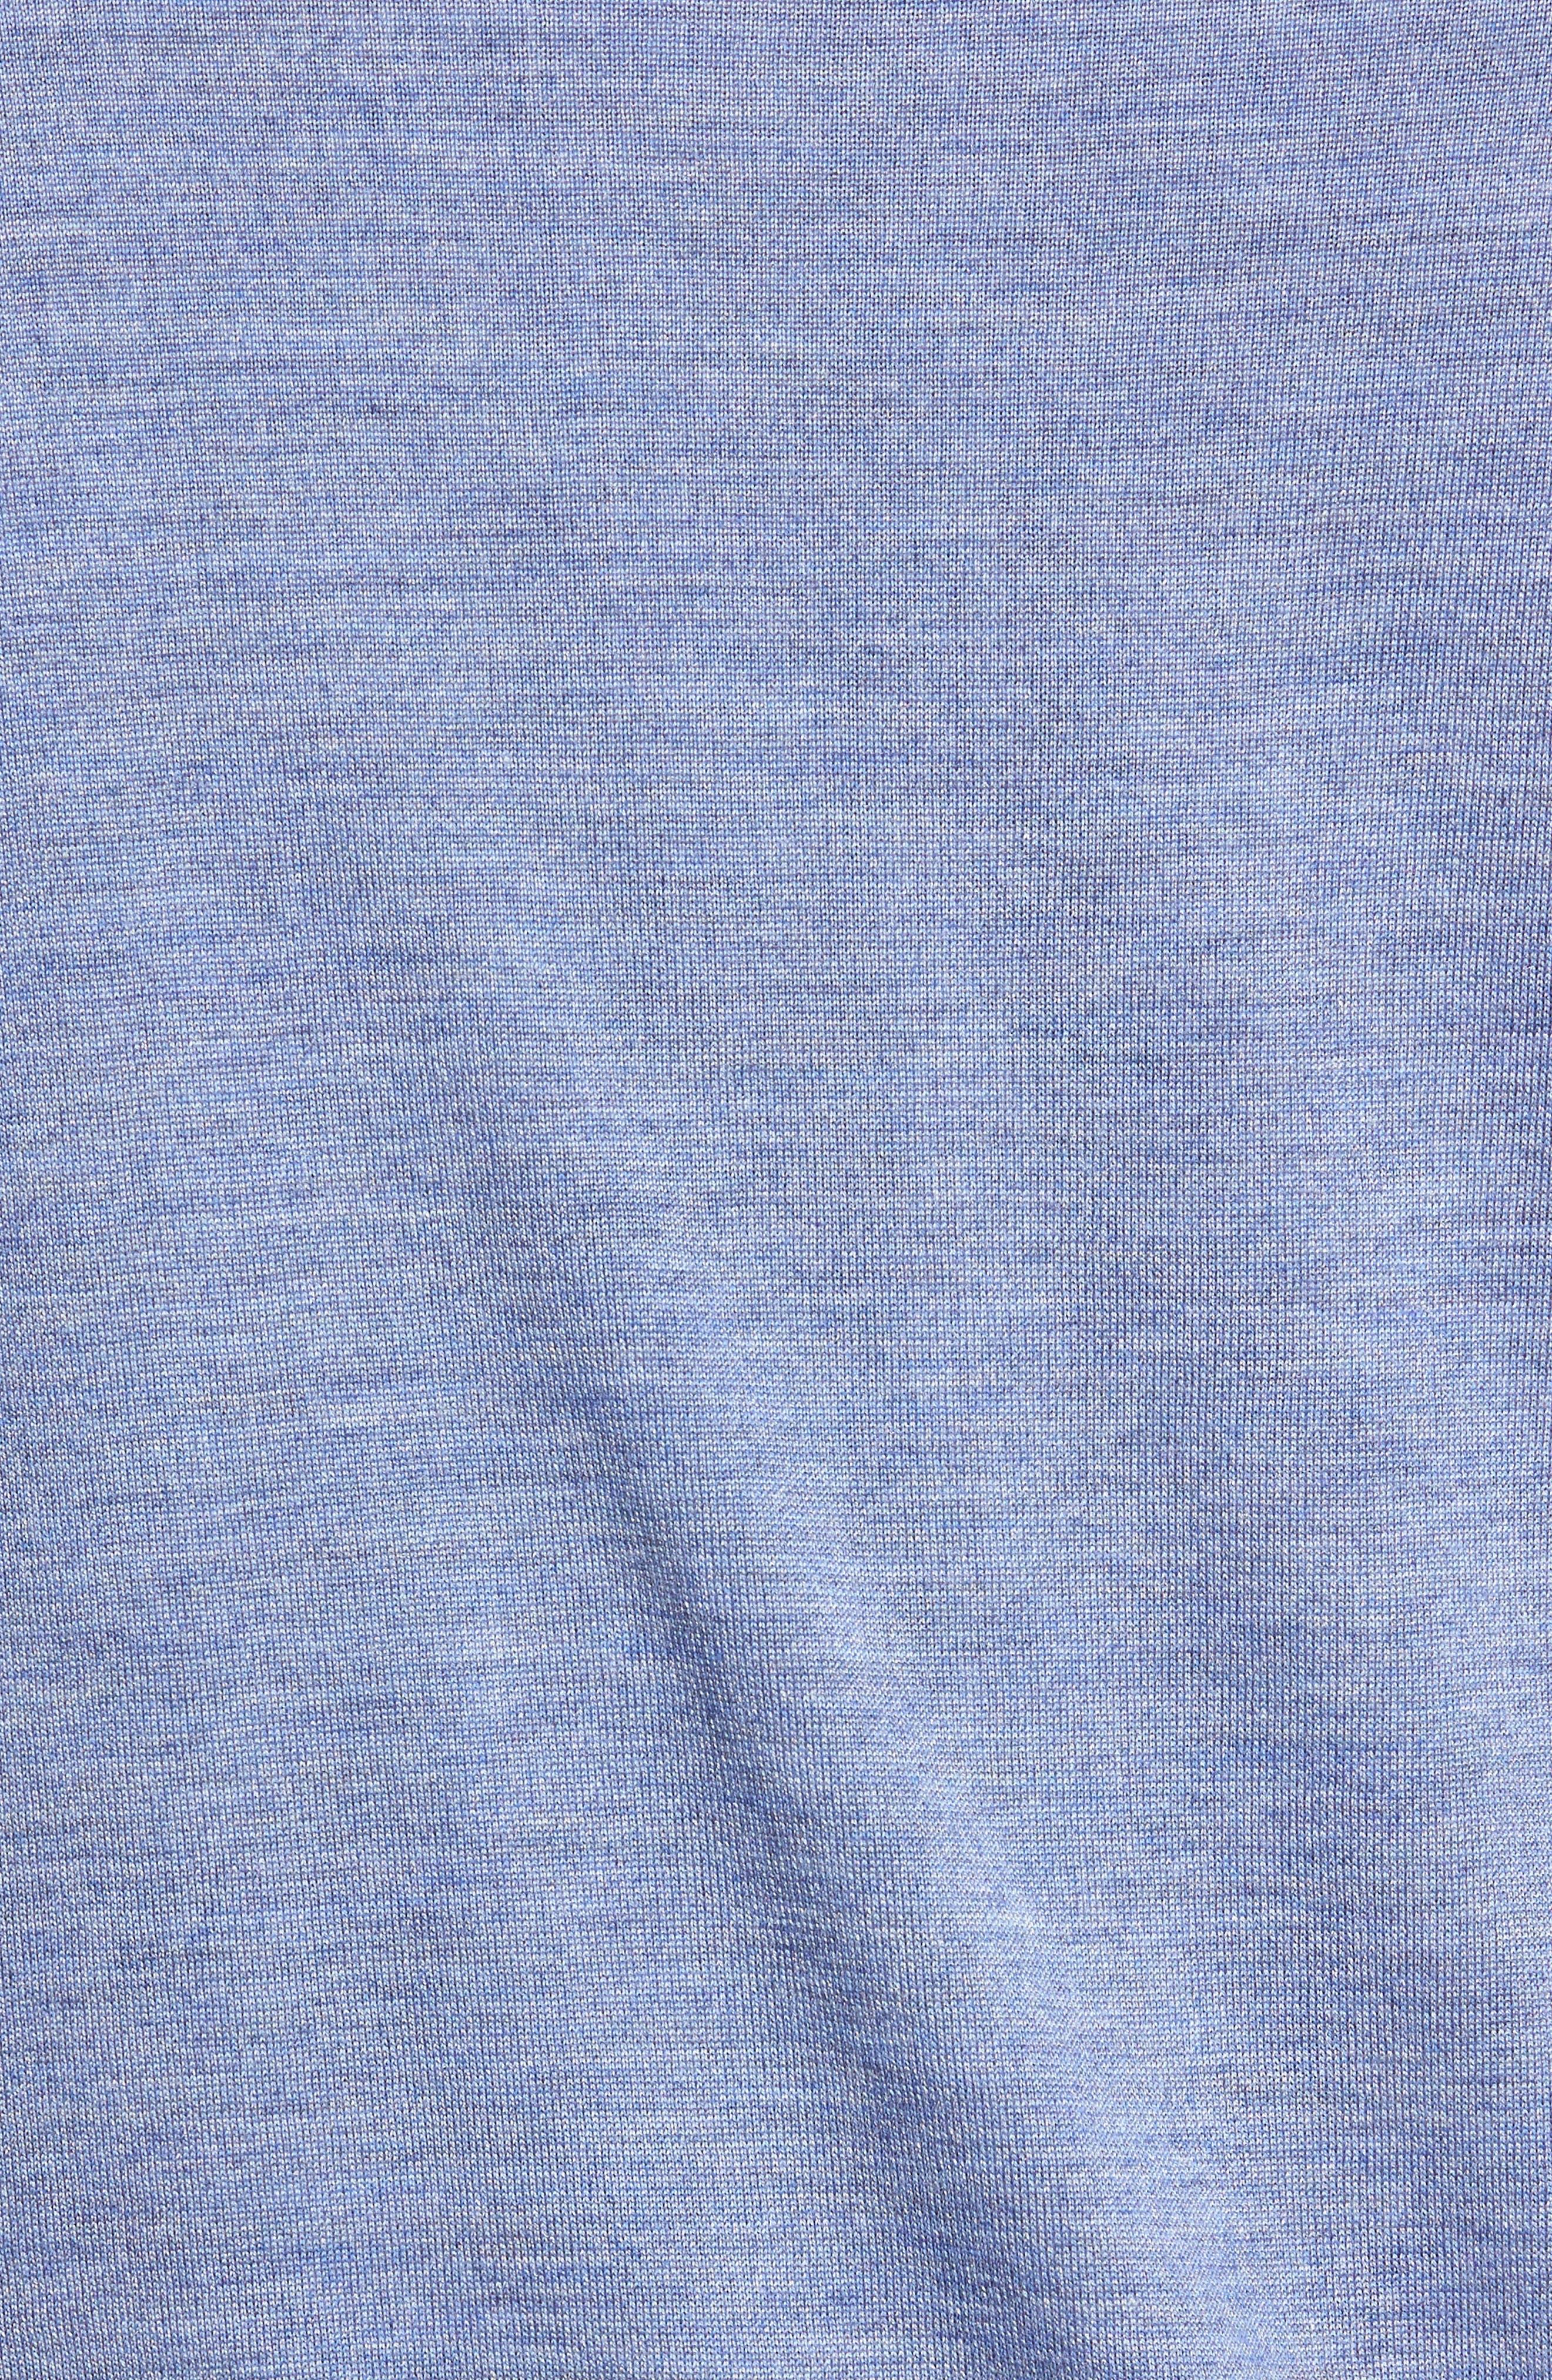 Merino Wool & Silk V-Neck Sweater,                             Alternate thumbnail 5, color,                             439